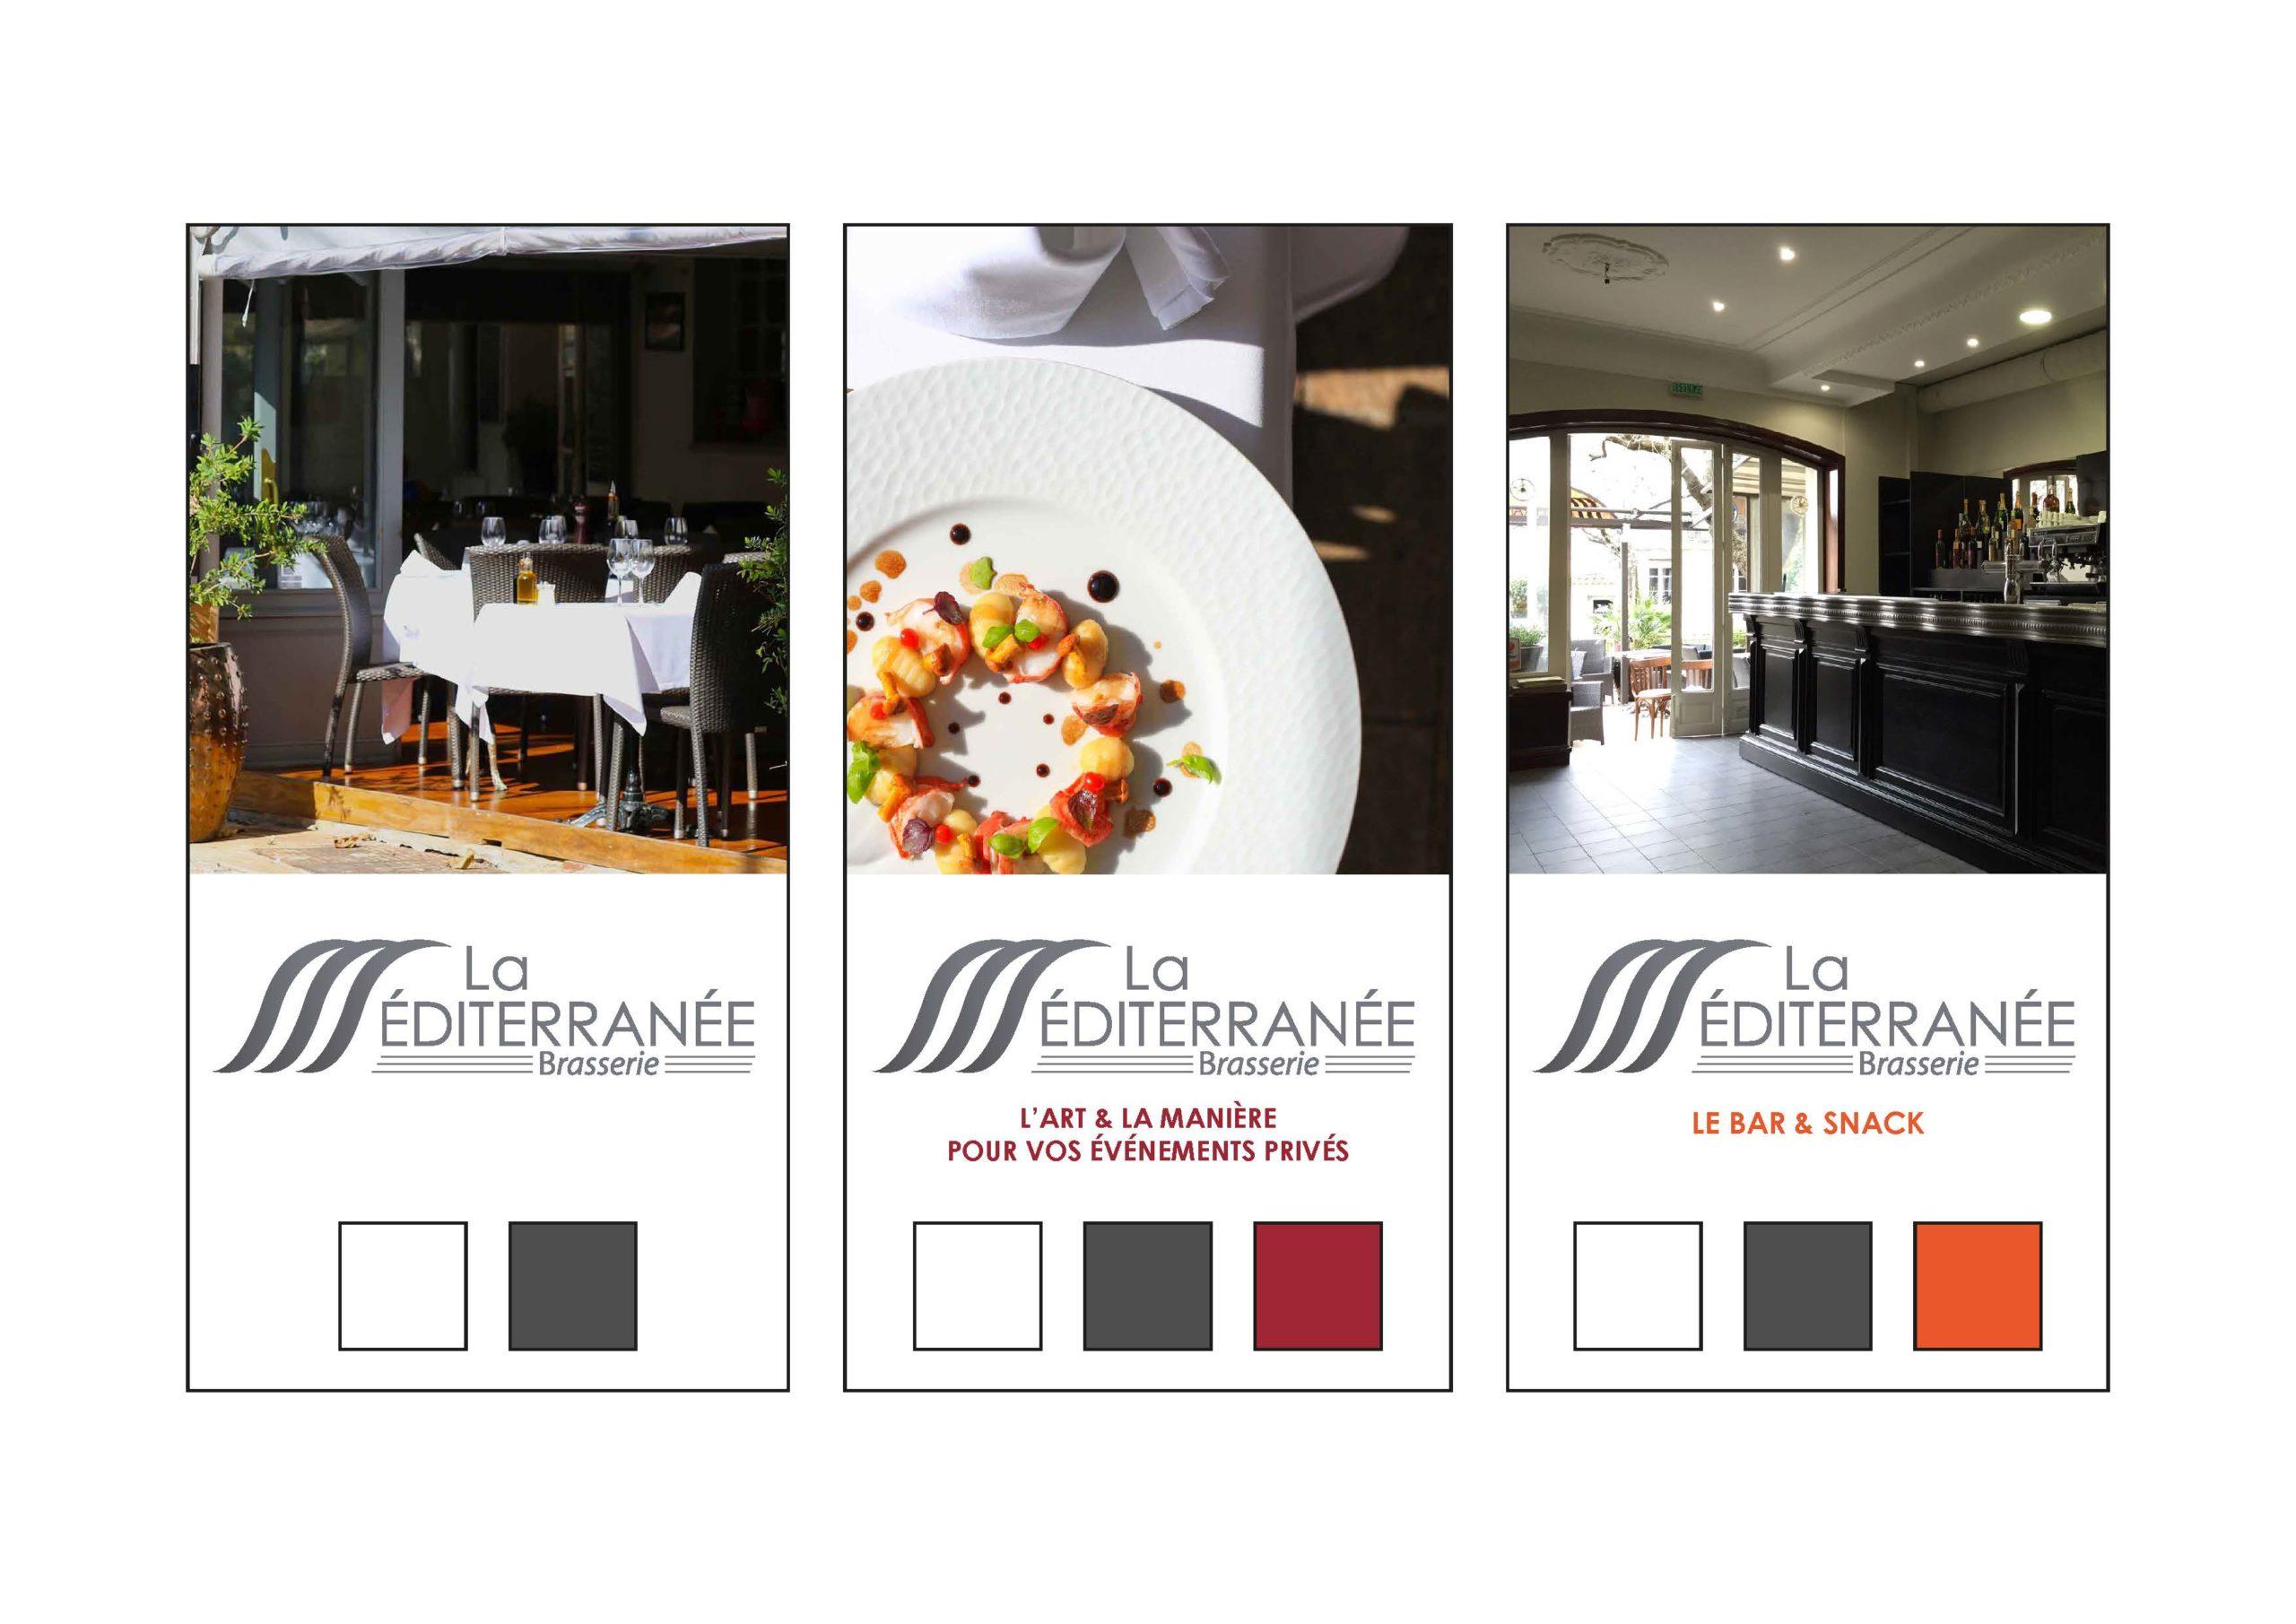 Charte graphique La Brasserie de la Méditerranée - 2015